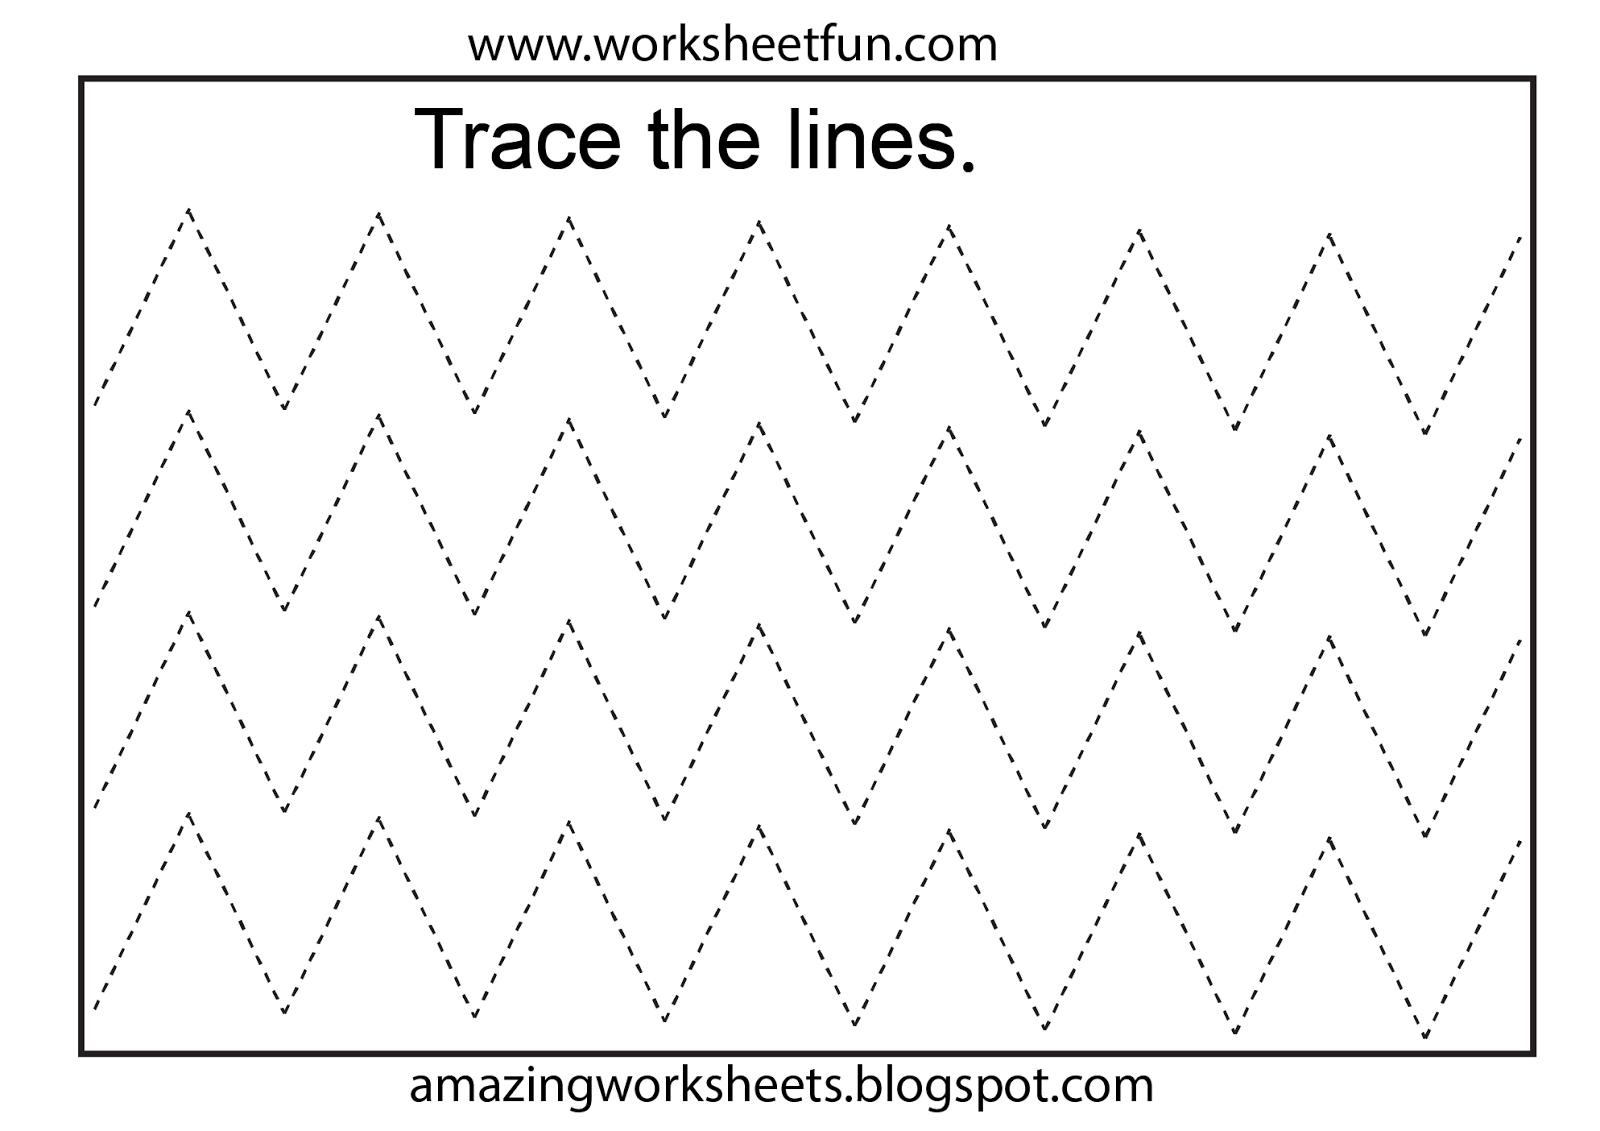 Free Printable Tracing Worksheets Preschool | Preschool Worksheets | Free Printable Fine Motor Skills Worksheets